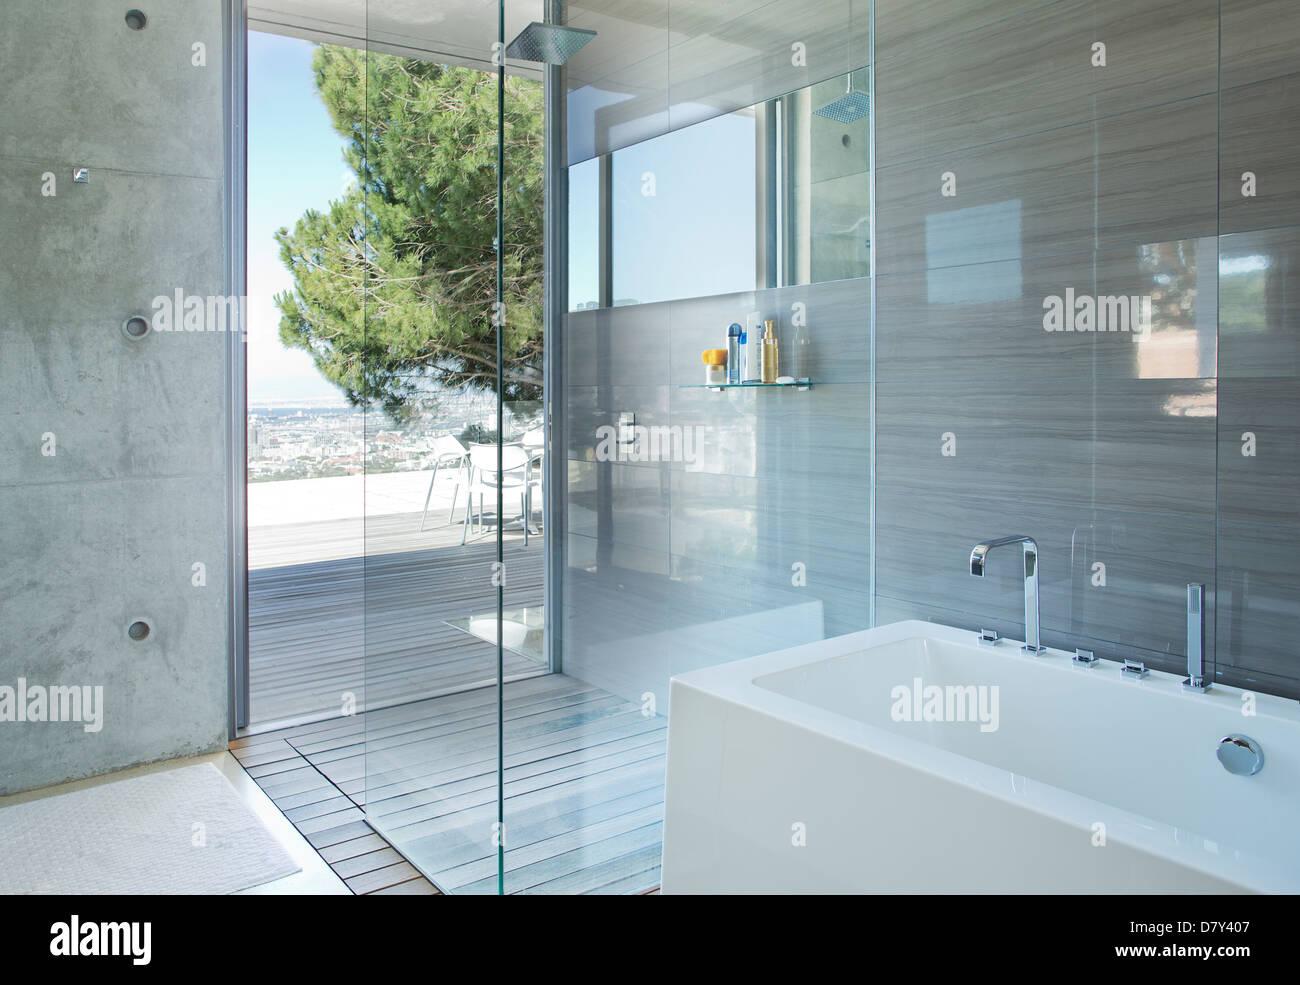 Dusche und Badewanne im modernen Badezimmer Stockfoto, Bild ...